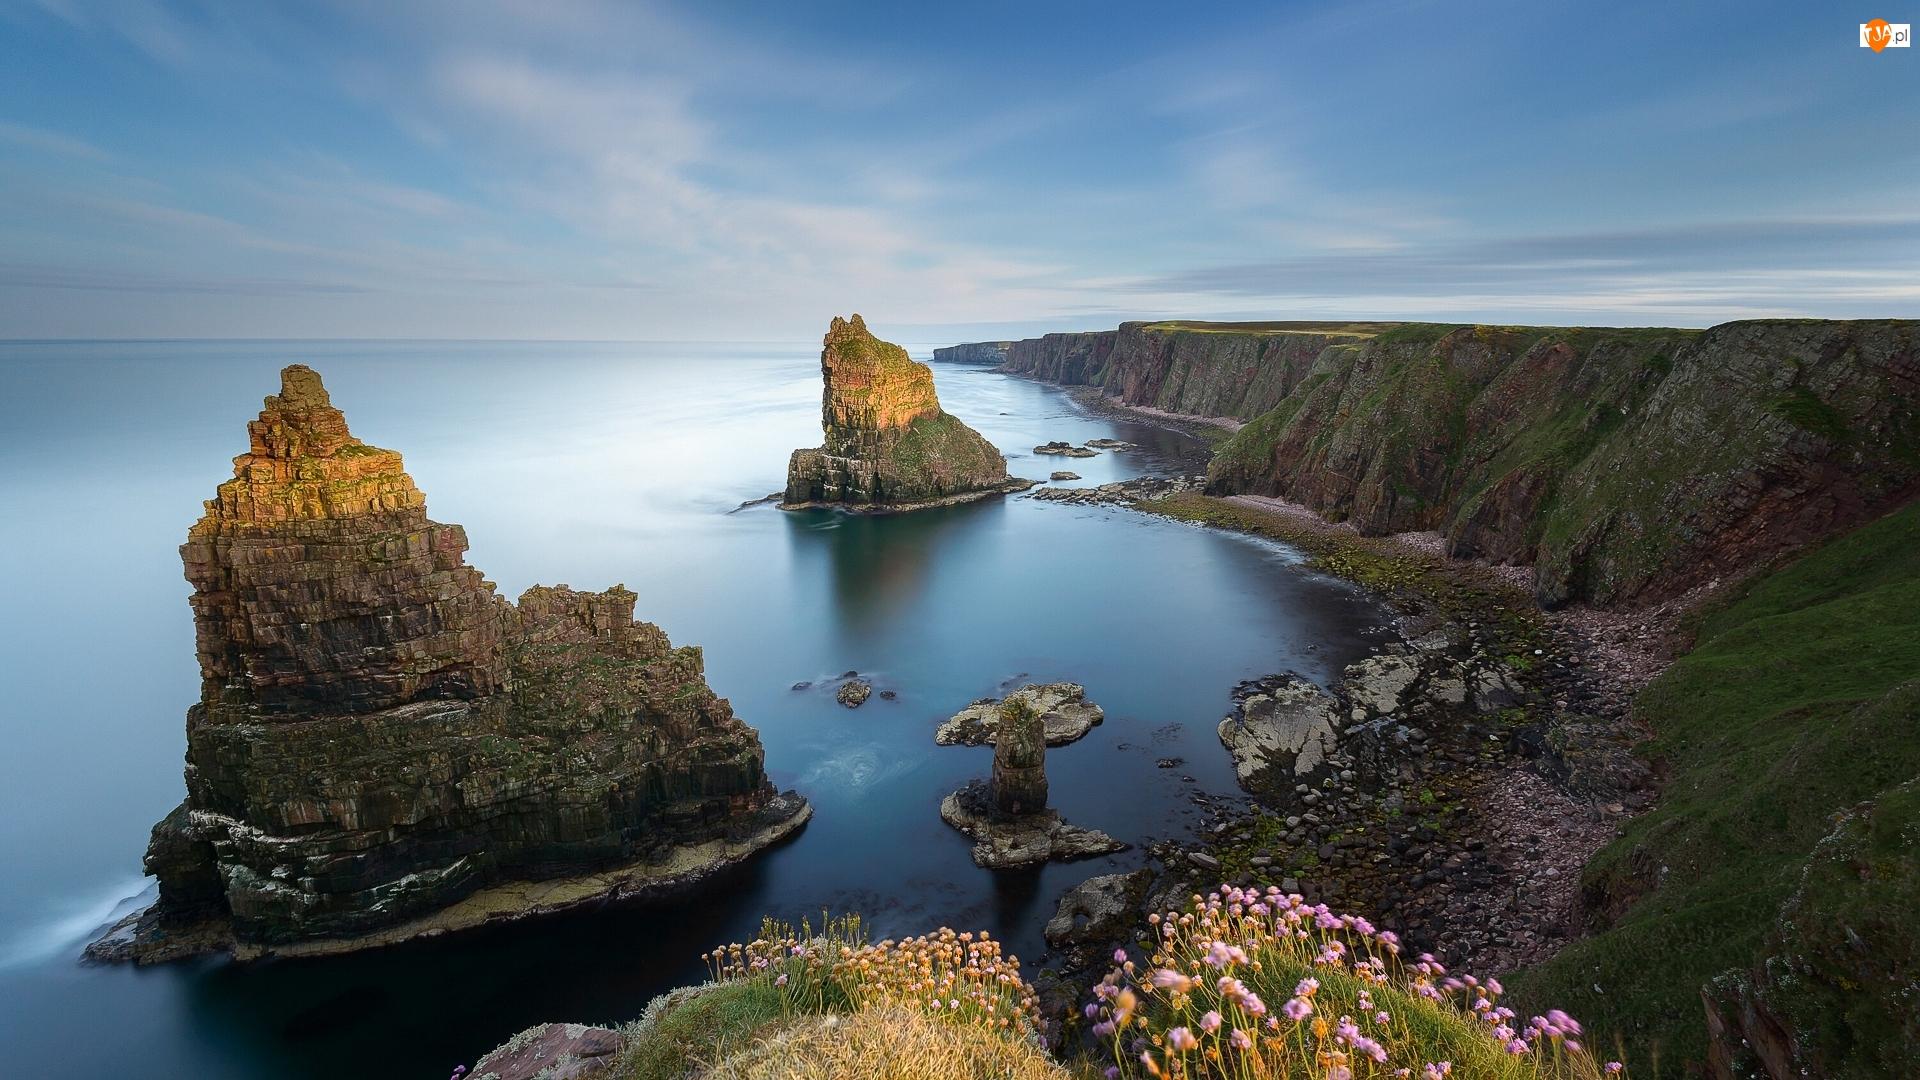 Duncansby Stacks, Przylądek Duncansby Head, Wybrzeże, Roślinność, Morze, Skały, Szkocja, Klif